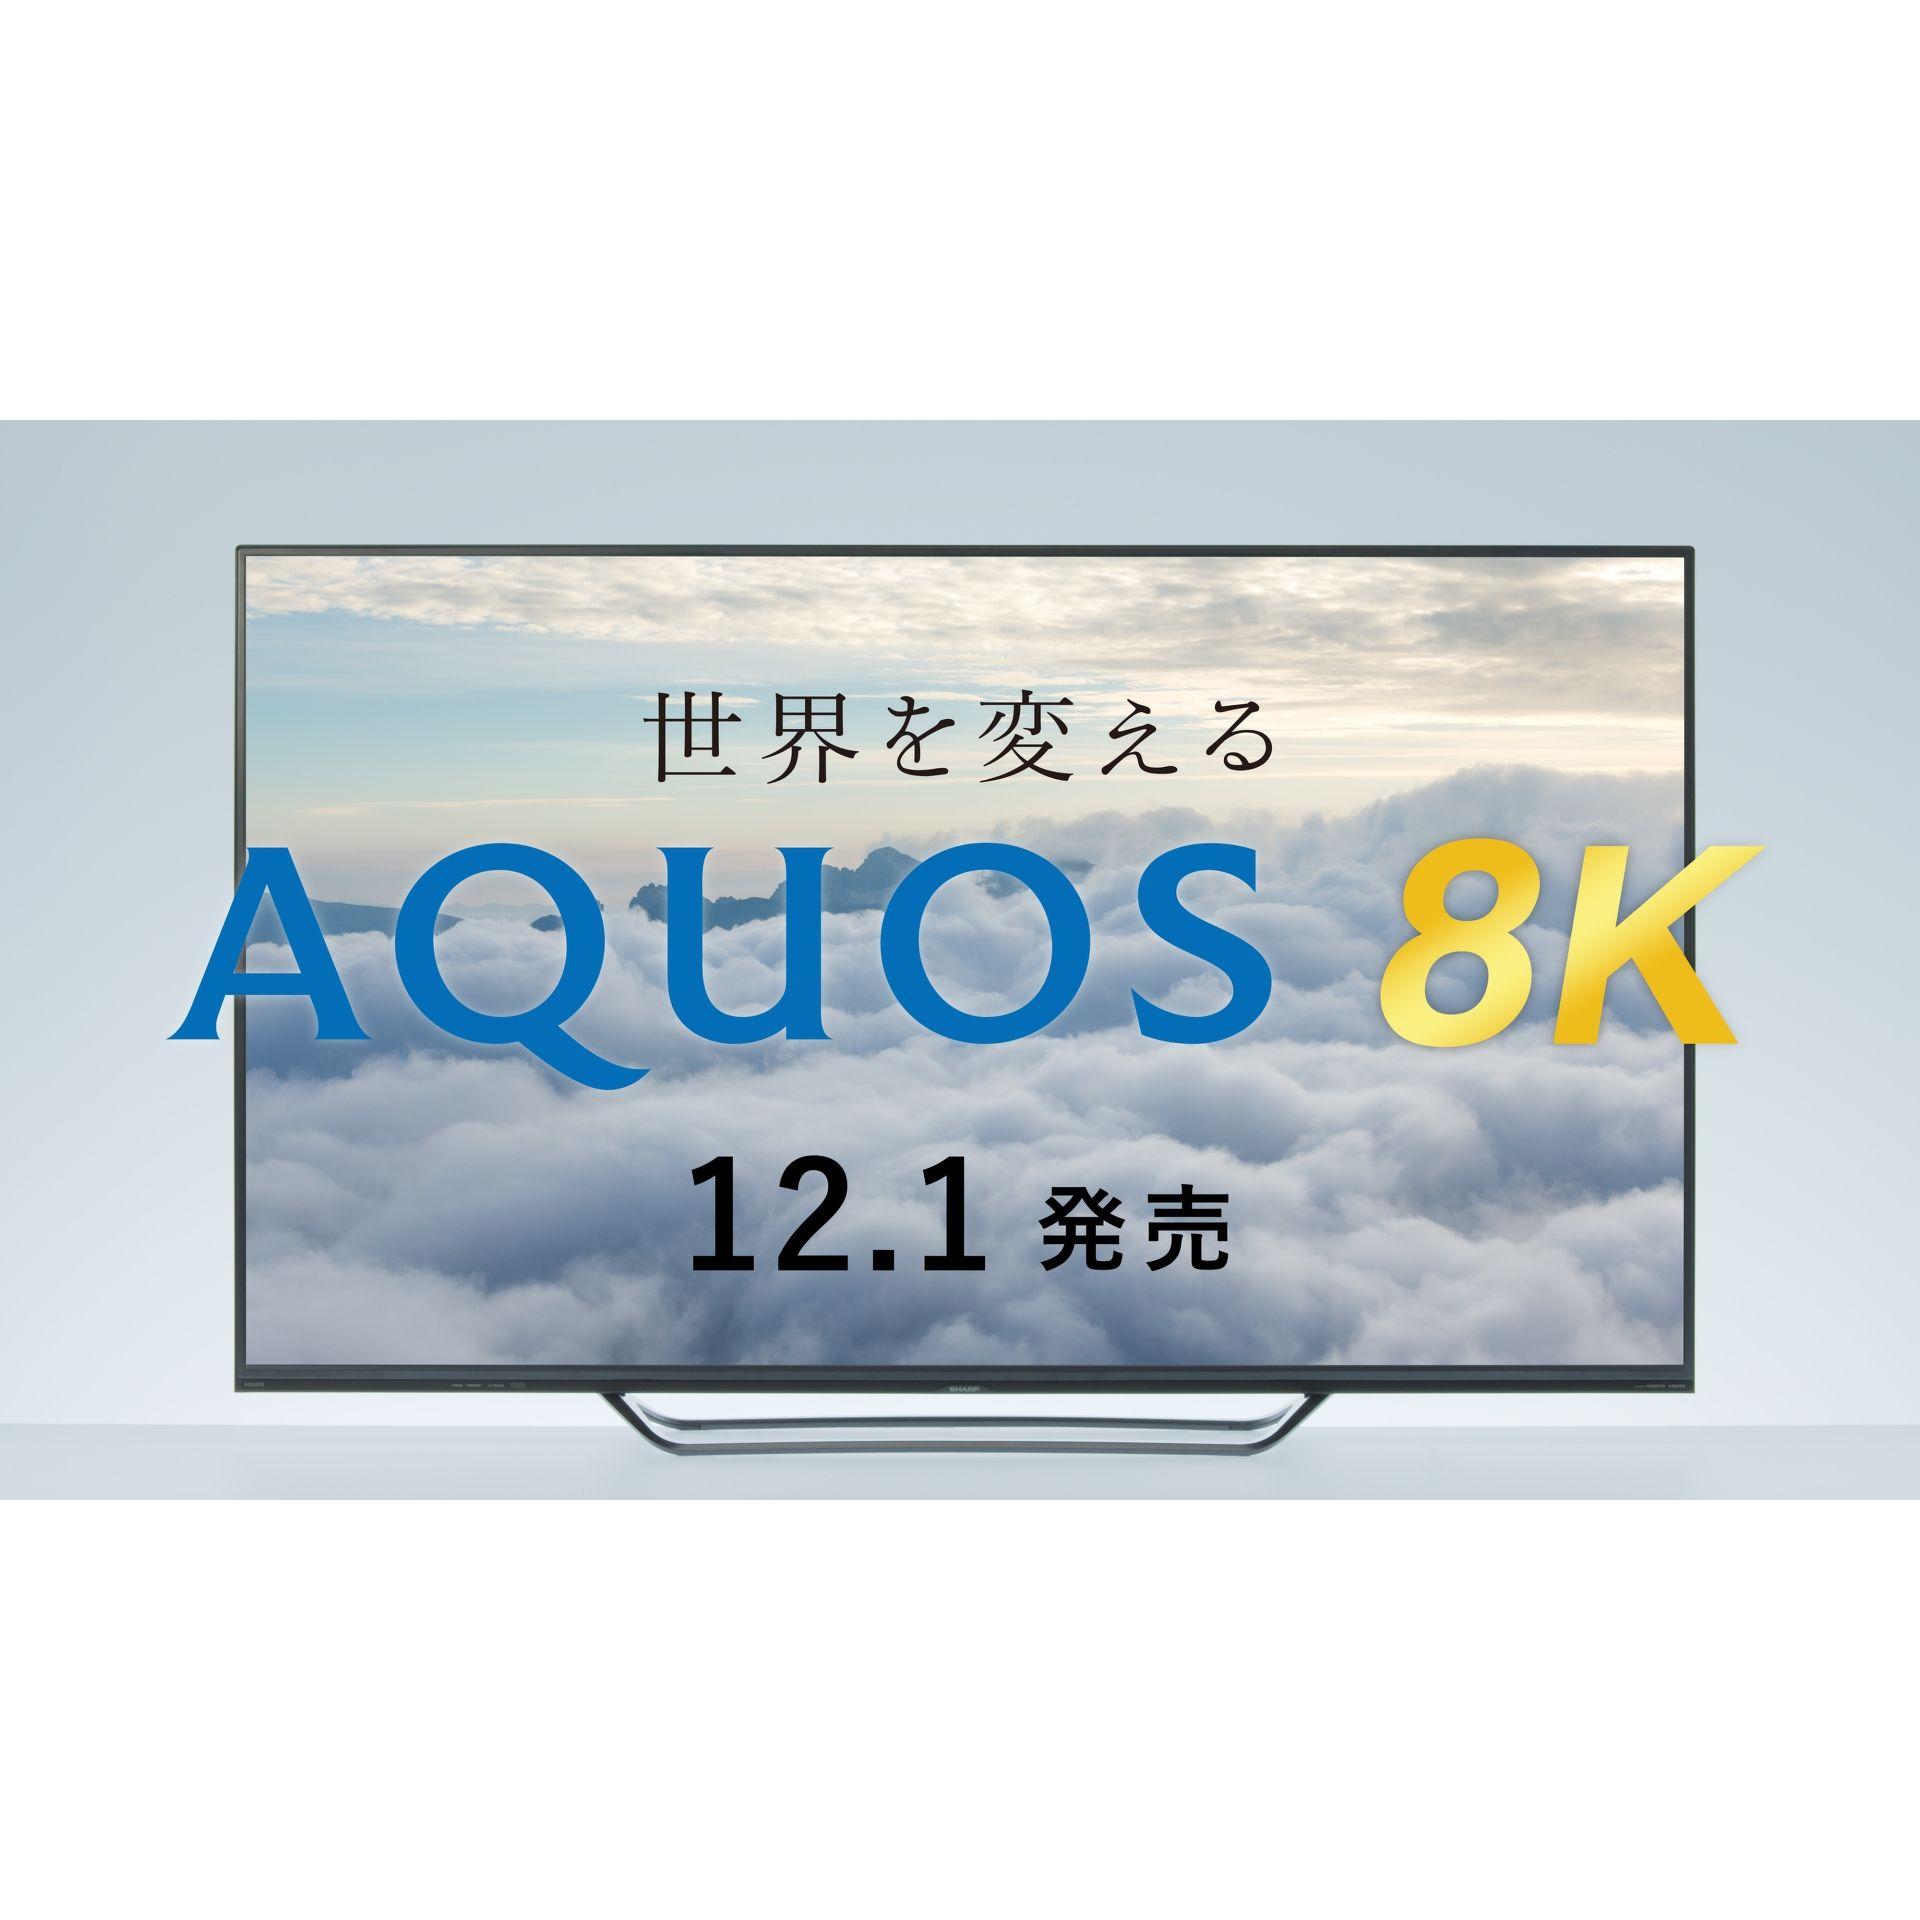 シャープが8K液晶テレビの予約を10月2日から開始! 4Kテレビも2機種発表